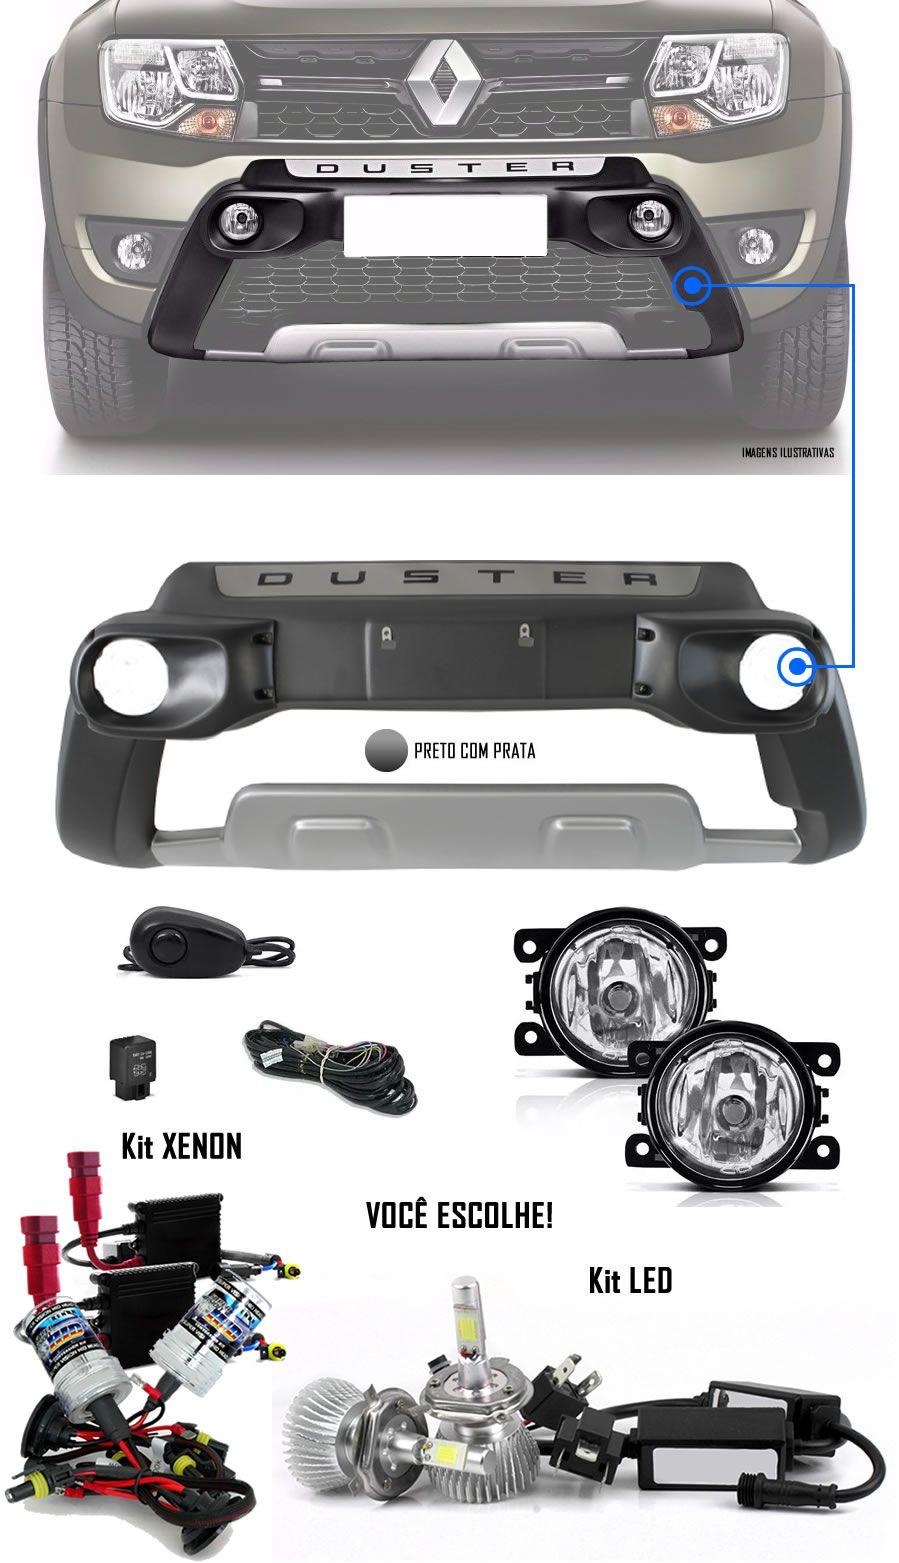 Kit Overbumper Frontal TG Poli + Kit Farol de Milha Neblina Renault Duster e Oroch 2015 2016 2017 2018 2019 2020 + Kit Xenon 6000K / 8000K ou Kit Lâmpada Super LED 6000K